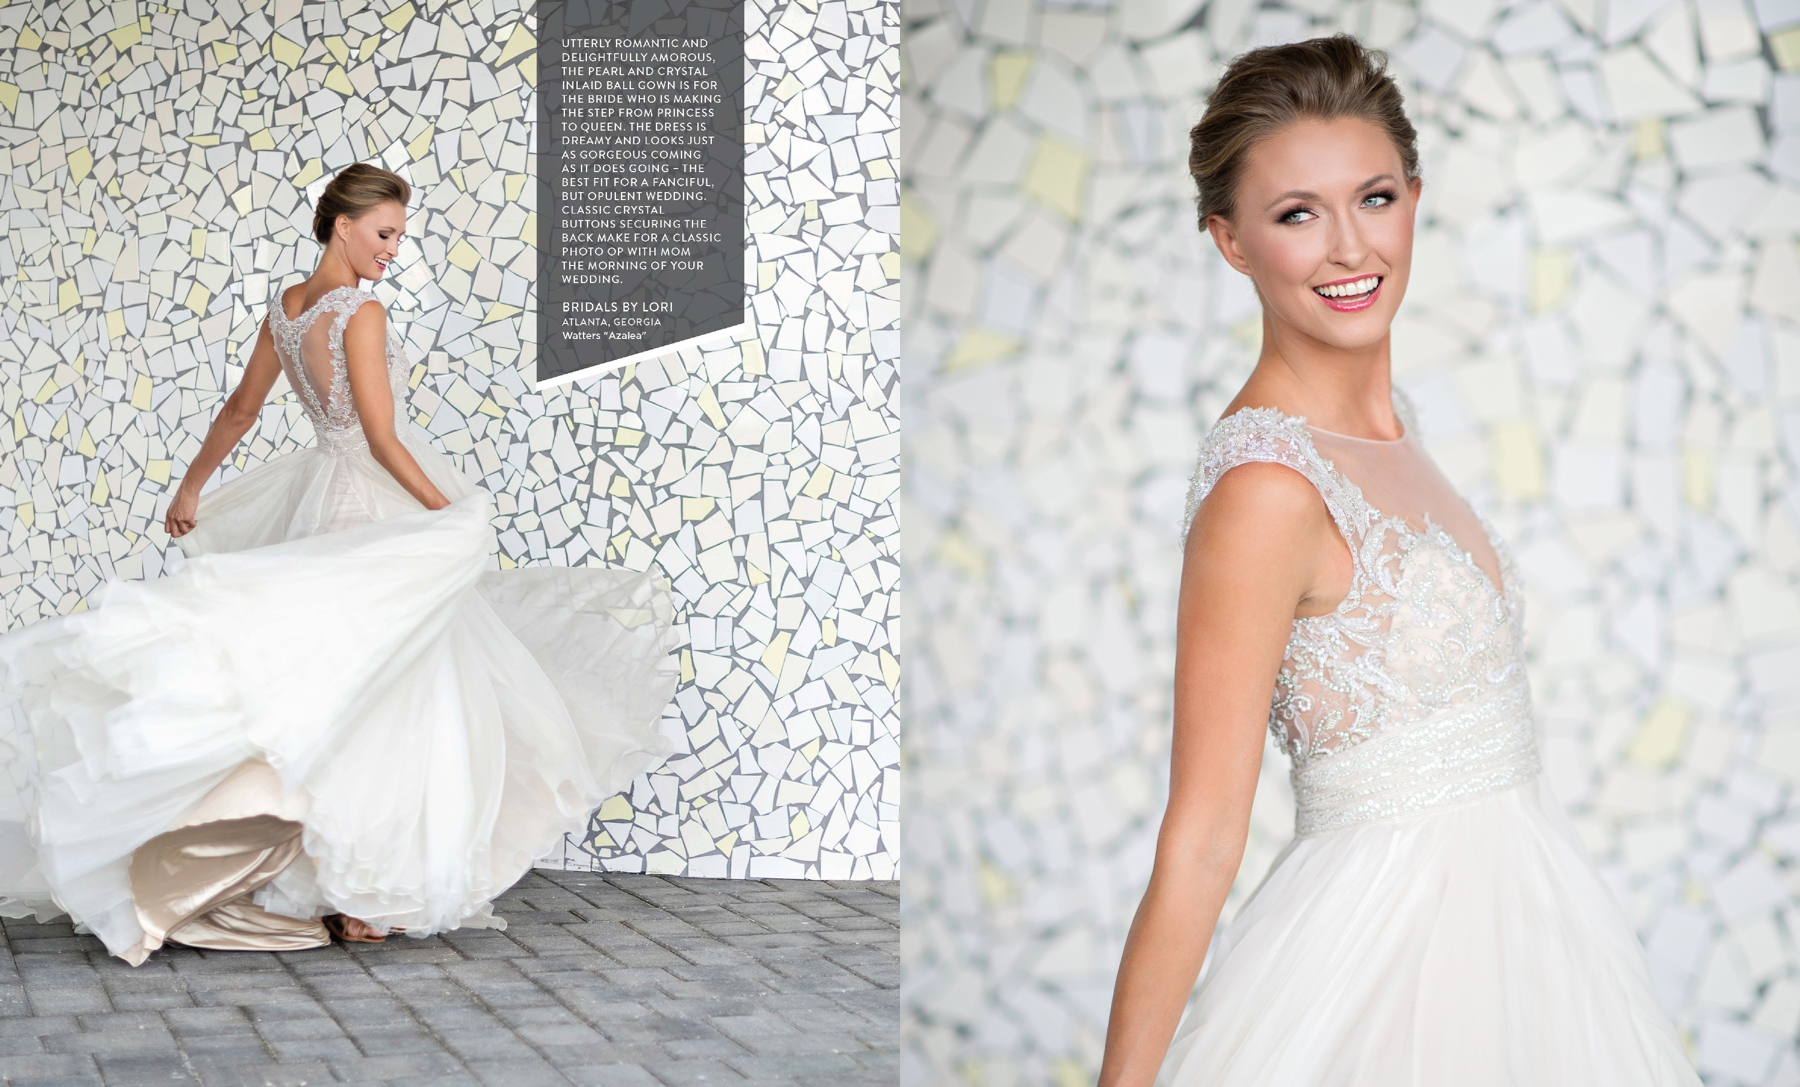 Watters Azalea wedding gown